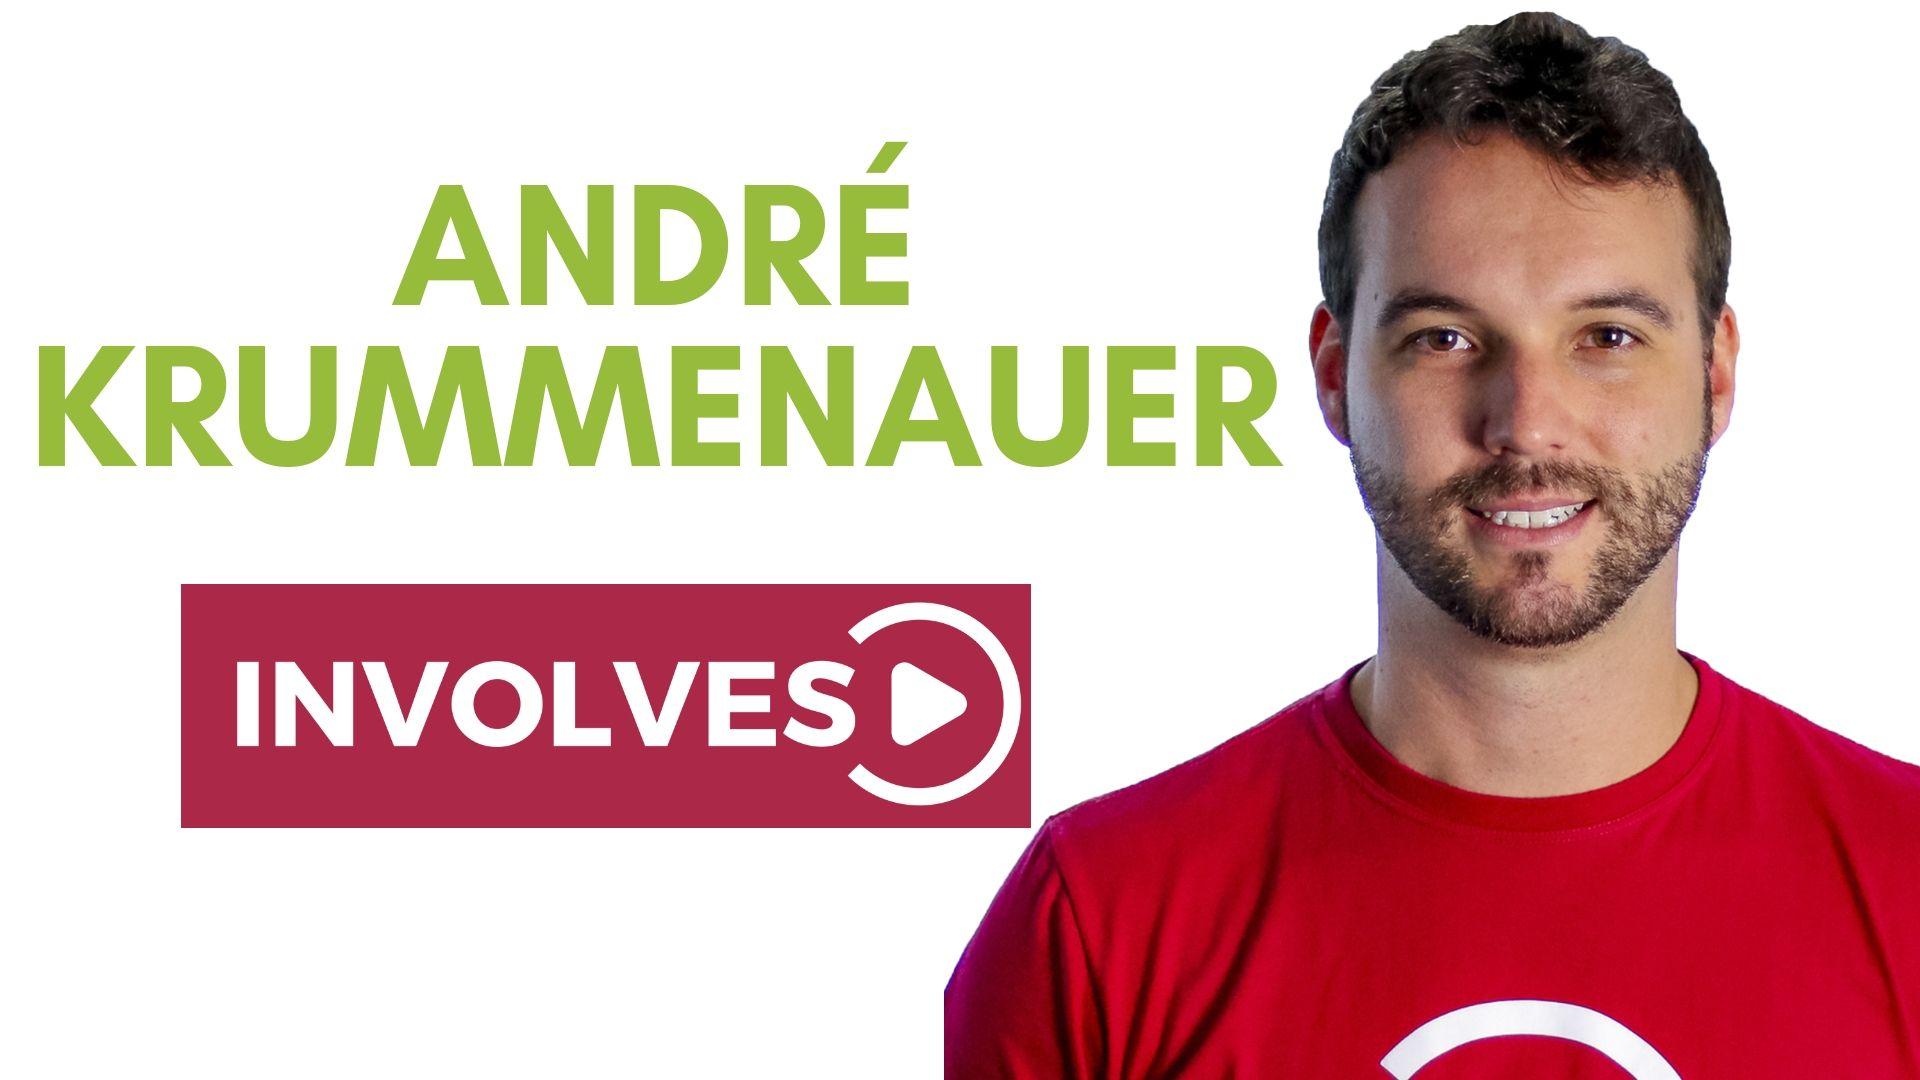 """André Krummenauer (Involves) """"Cuando se tiene la visión de los datos en tiempo real, la visión estratégica se expande"""""""